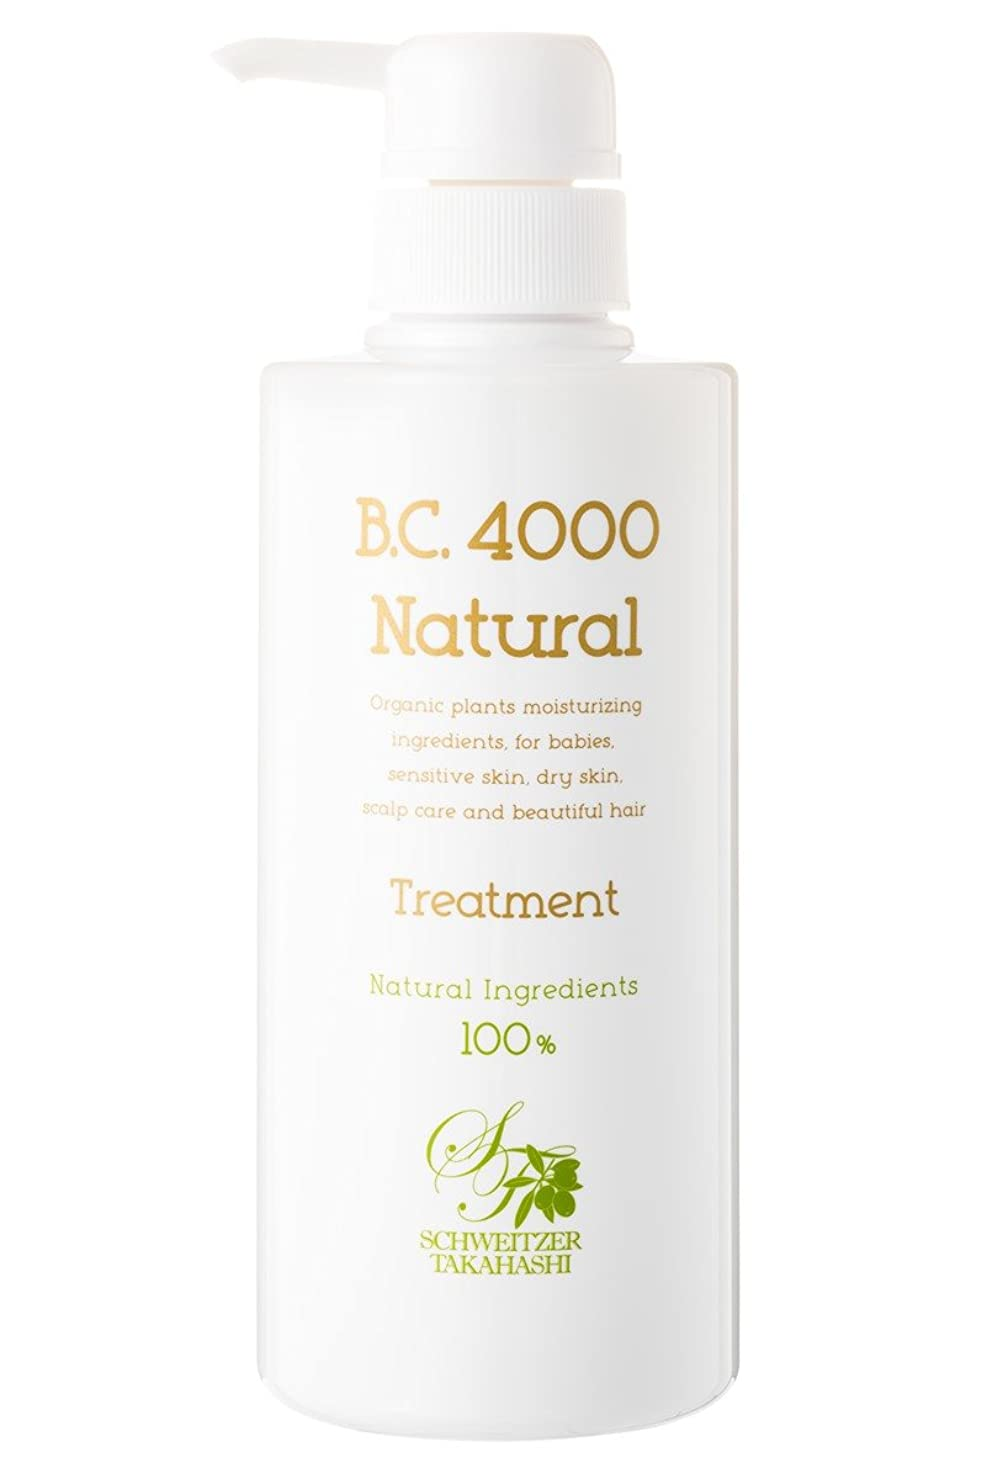 応援する誰の花輪B.C.4000 100%天然由来 ノンシリコントリートメント ナチュラル オーガニック 植物エキス配合 (400g)